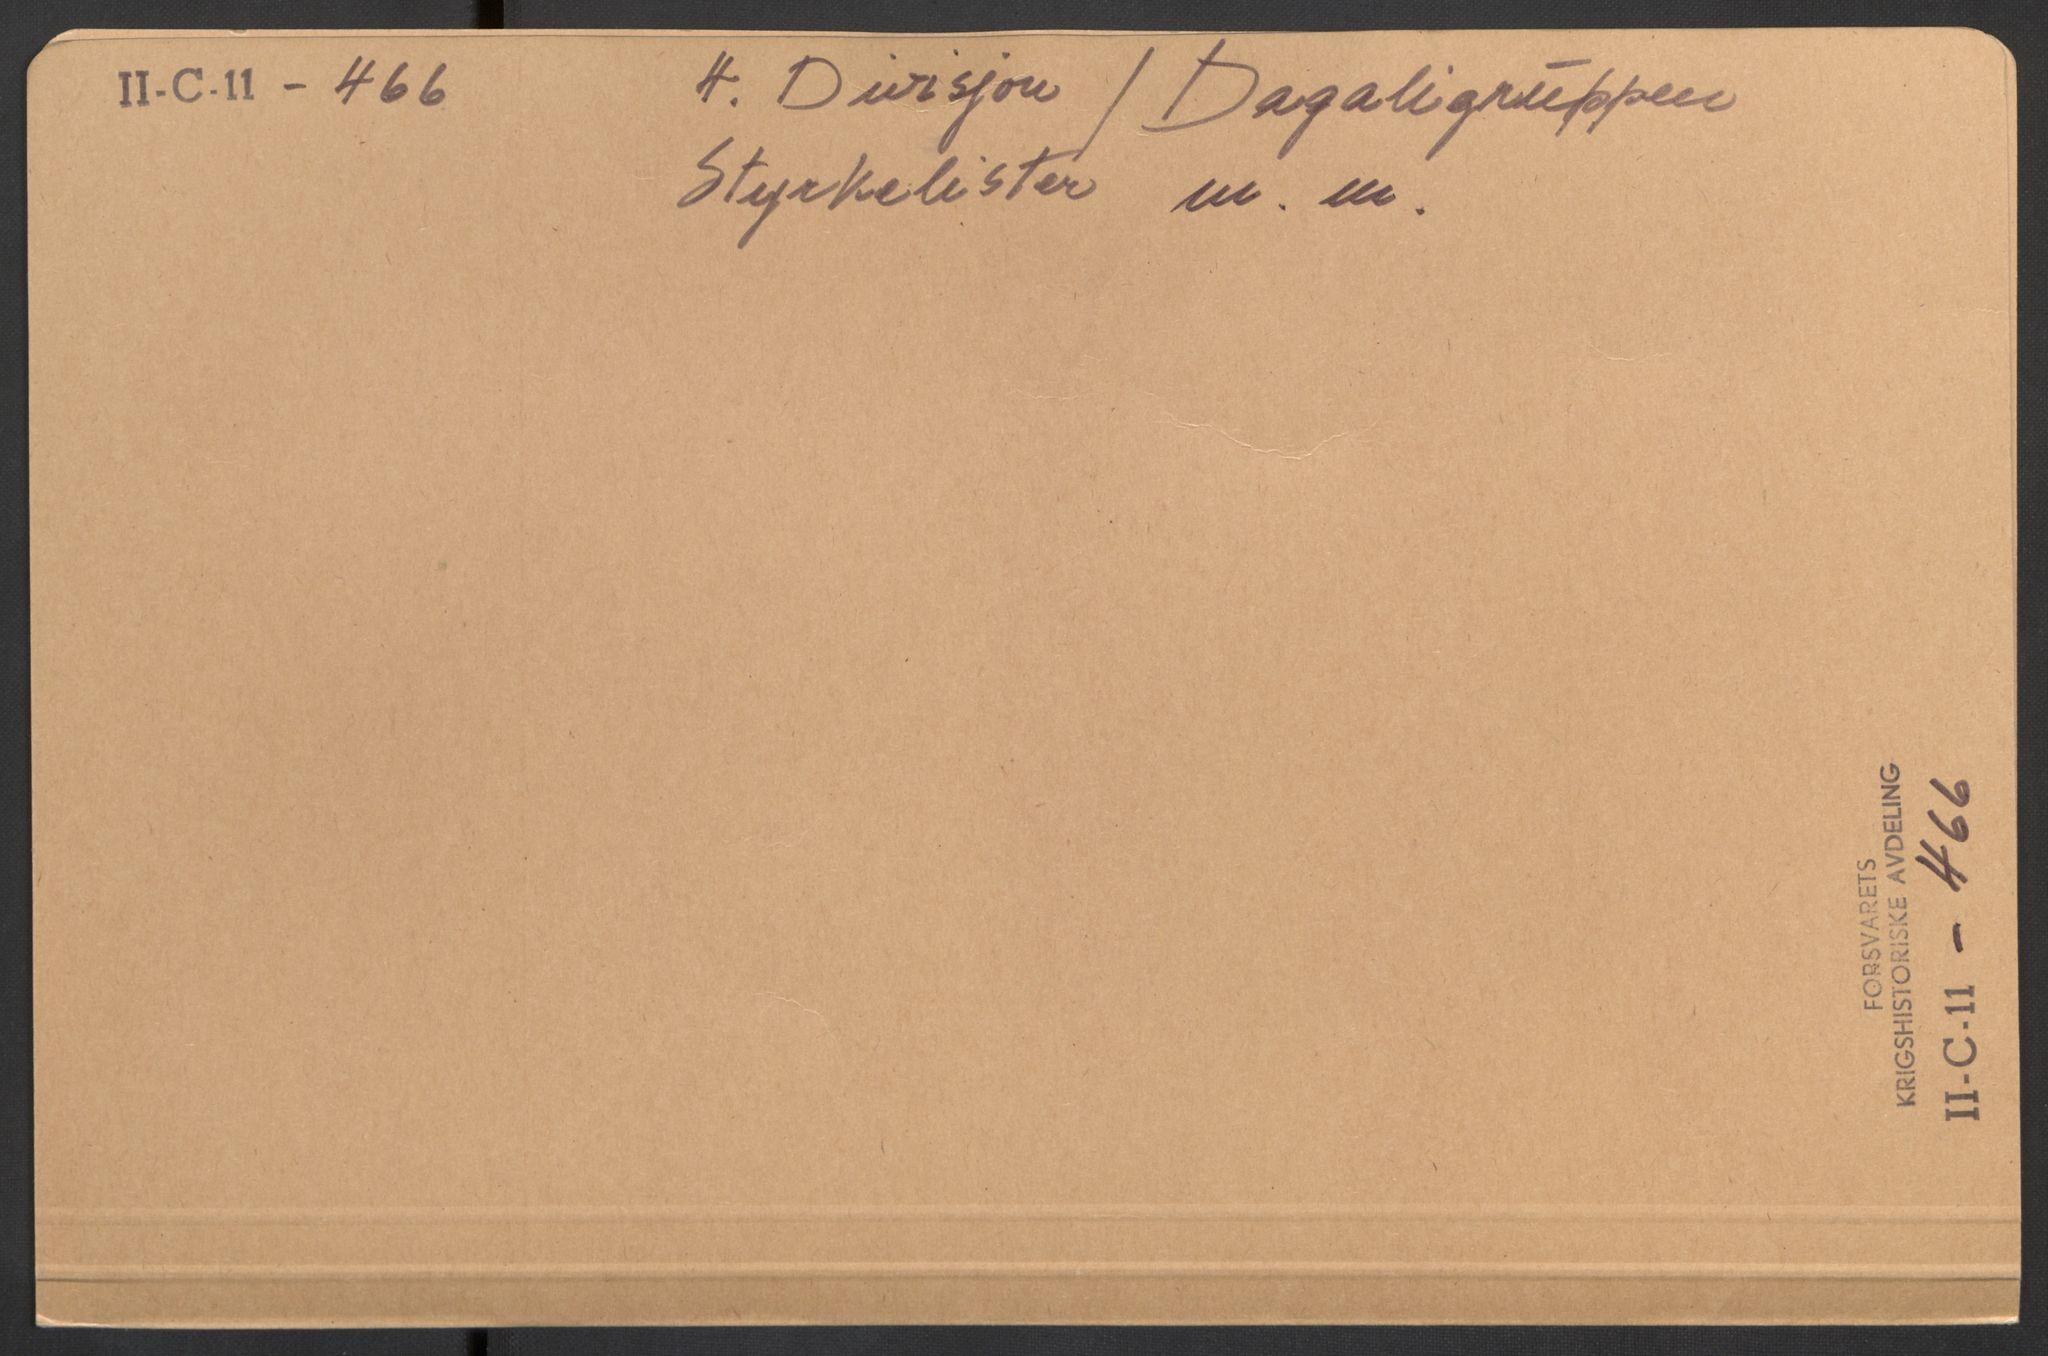 RA, Forsvaret, Forsvarets krigshistoriske avdeling, Y/Yb/L0108: II-C-11-466-499  -  4. Divisjon., 1940, s. 1